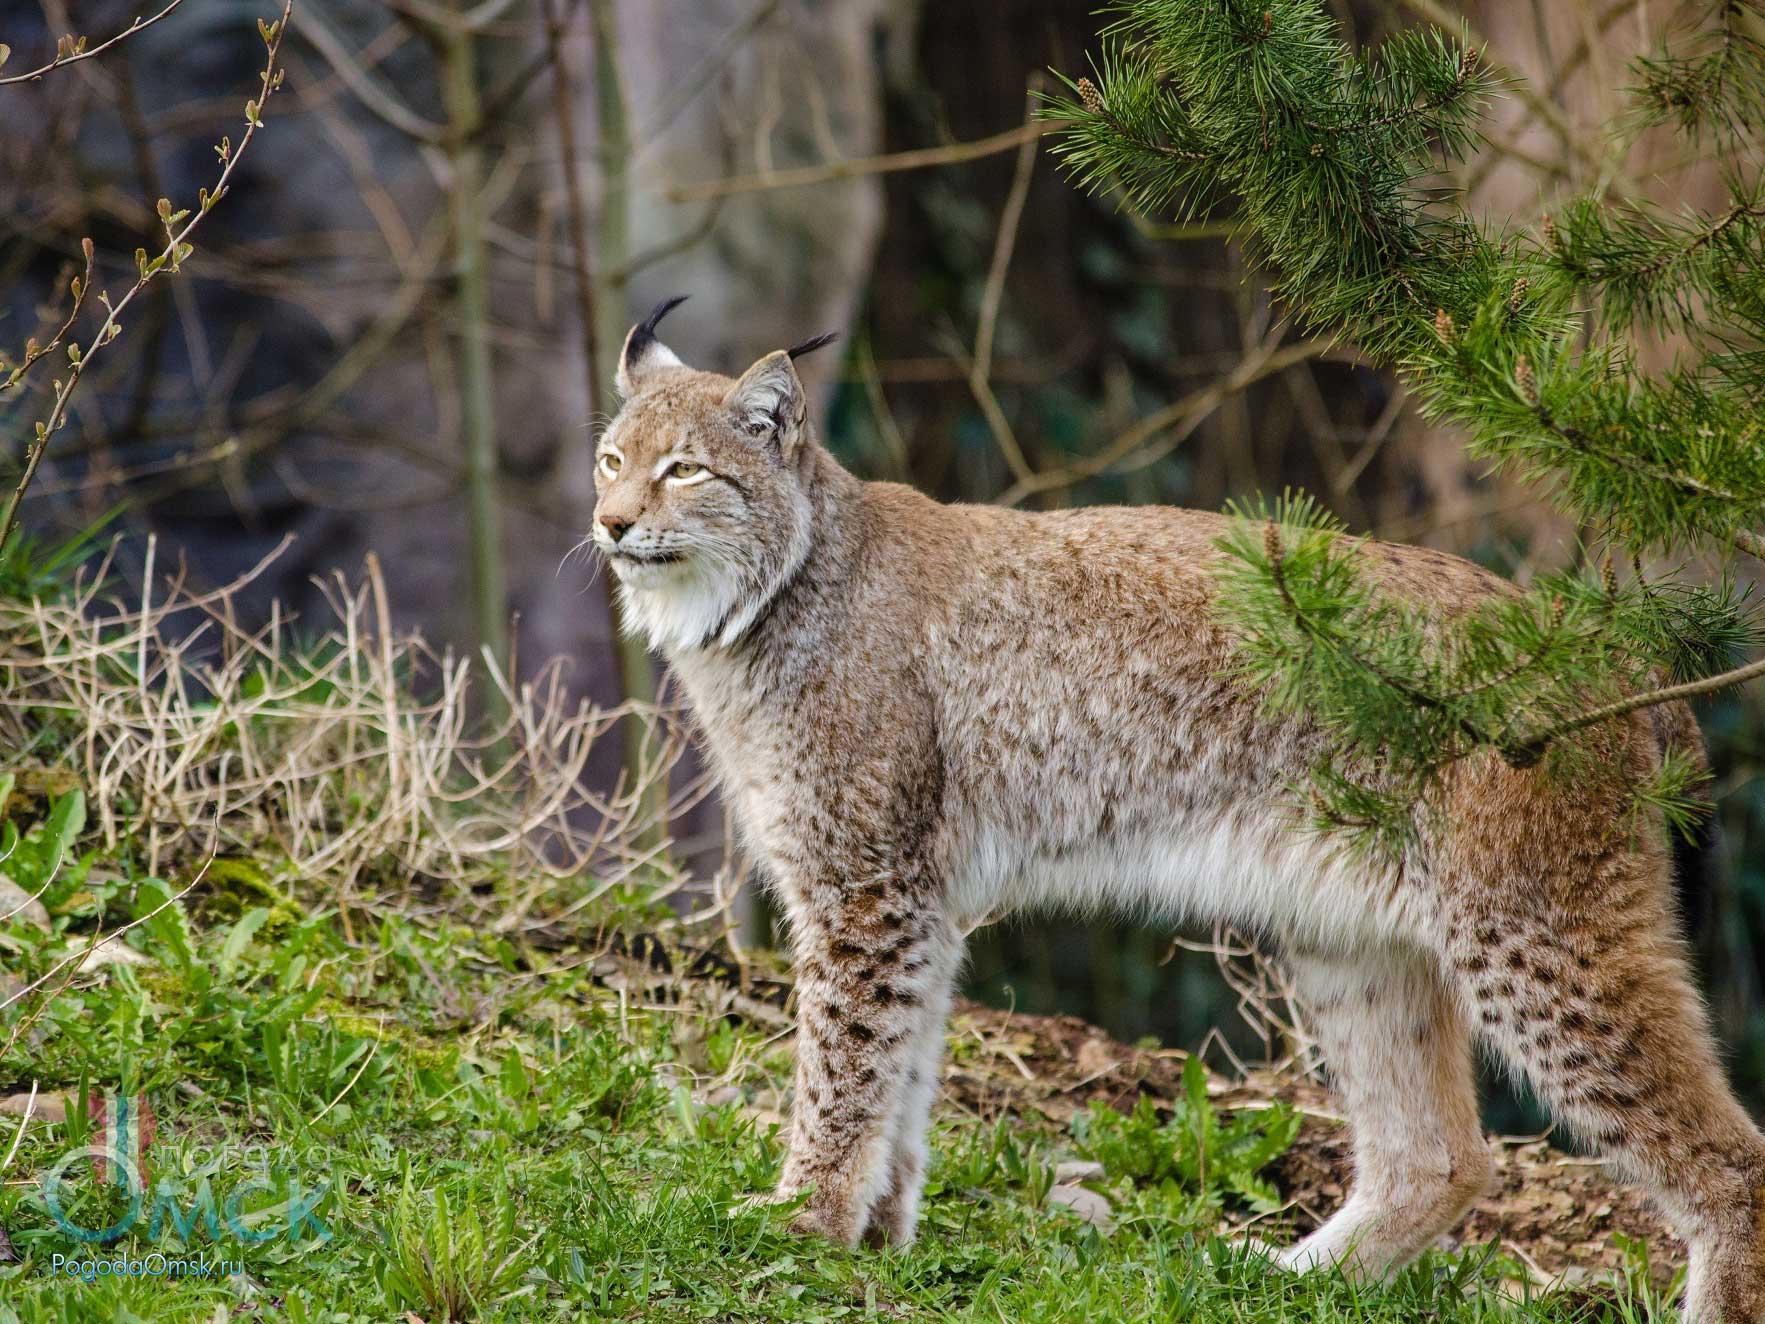 Рысь - хищное млекопитающее семейства кошачьих